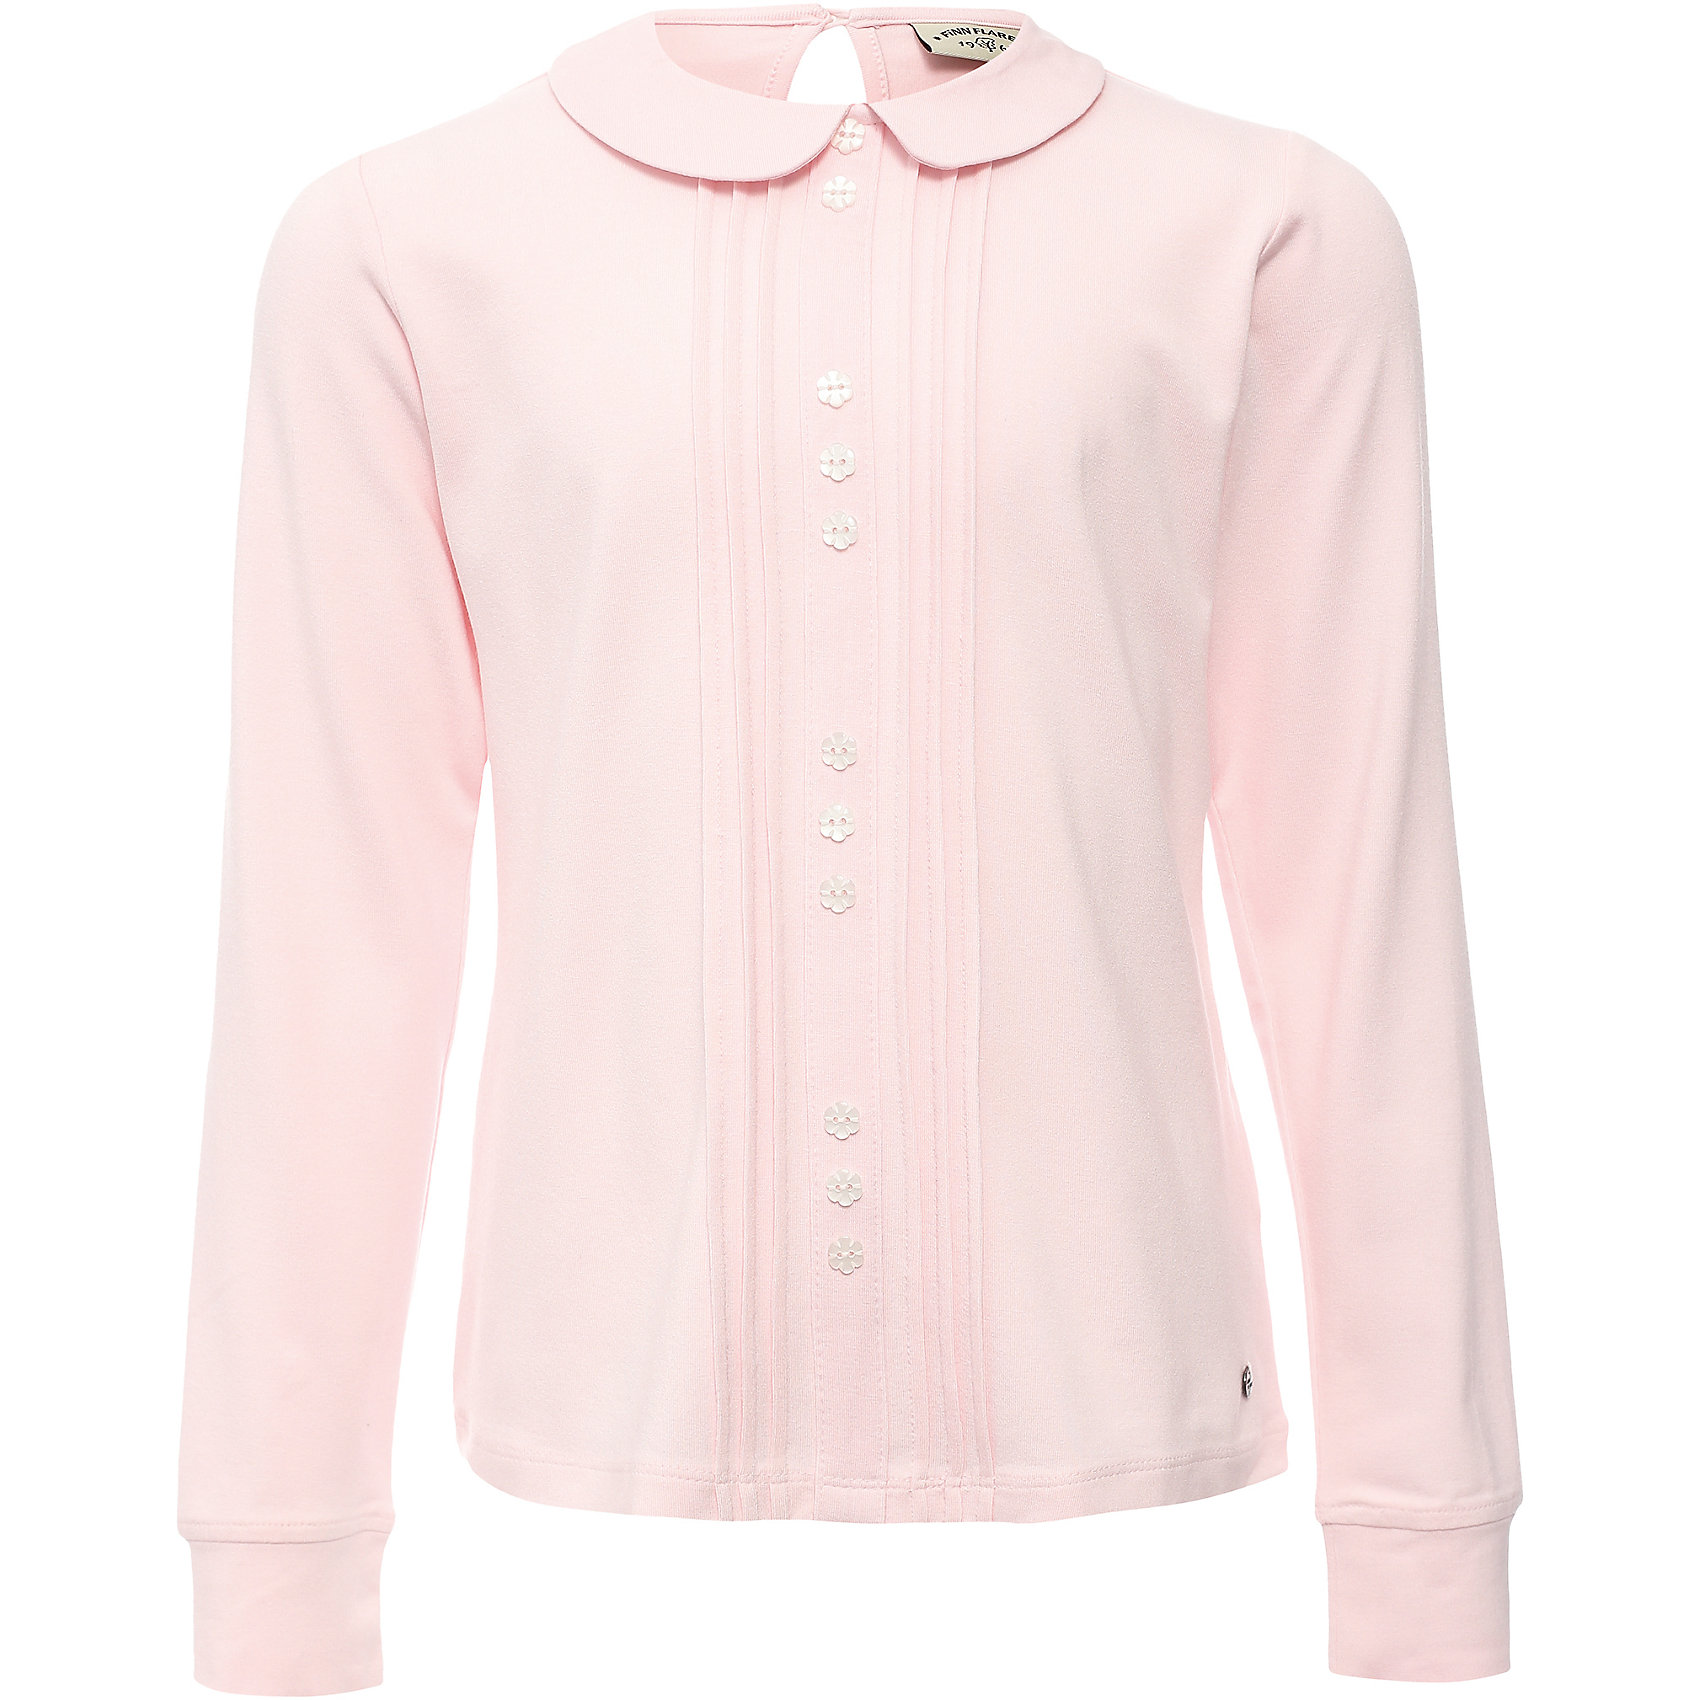 Блузка для девочки Finn FlareБлузки и рубашки<br>Блузка для девочки известной марки Finn Flare.<br><br>Школьная блузка для девочки может использоваться для повседневной носки. Блузка декорирована продольными складками, украшена декоративными пуговицами-цветочками, которые не расстегиваются. Застегивается блузка сзади, есть пуговичка на воротничке. Узкие манжеты на рукавах, без пуговиц. Трикотажная блузка не растягивается и не садится, практична в носке и стирке. <br><br>Фактура материала: Трикотажный<br>Вид застежки: Пуговицы<br>Длина рукава: Длинные<br>Тип карманов: Без карманов<br><br>Состав: 95% вискоза, 5% эластан<br><br>Блузку для девочки Finn Flare можно купить в нашем интернет-магазине.<br><br>Ширина мм: 186<br>Глубина мм: 87<br>Высота мм: 198<br>Вес г: 197<br>Цвет: розовый<br>Возраст от месяцев: 60<br>Возраст до месяцев: 72<br>Пол: Женский<br>Возраст: Детский<br>Размер: 116,158,122,128,134,140,146,152<br>SKU: 4890185